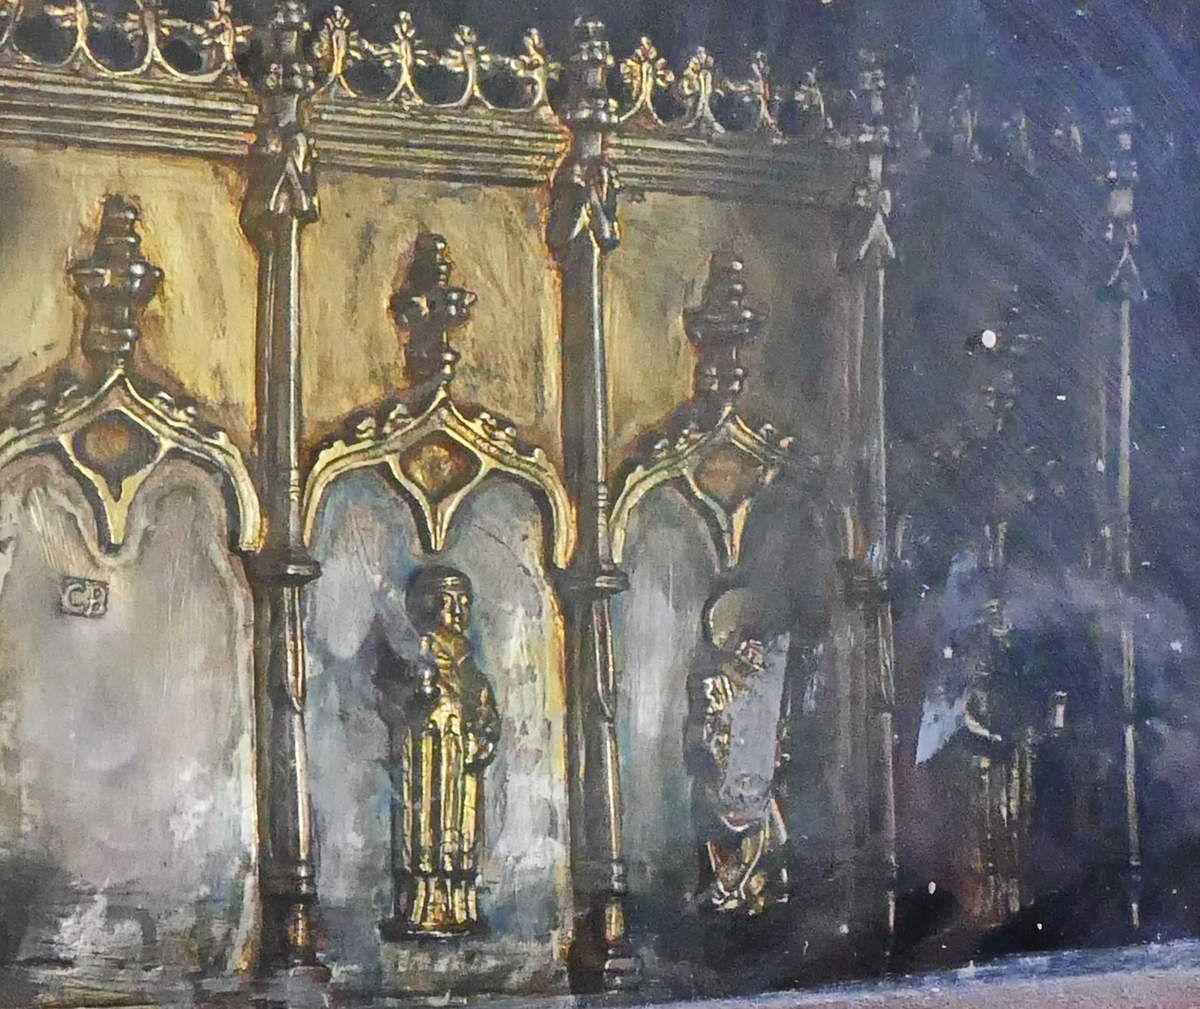 Le reliquaire de 1578 provenantde lachapelle Saint-Côme-et Saint-Damien, à Saint-Nic. photographie lavieb-aile 23 juin 2018.